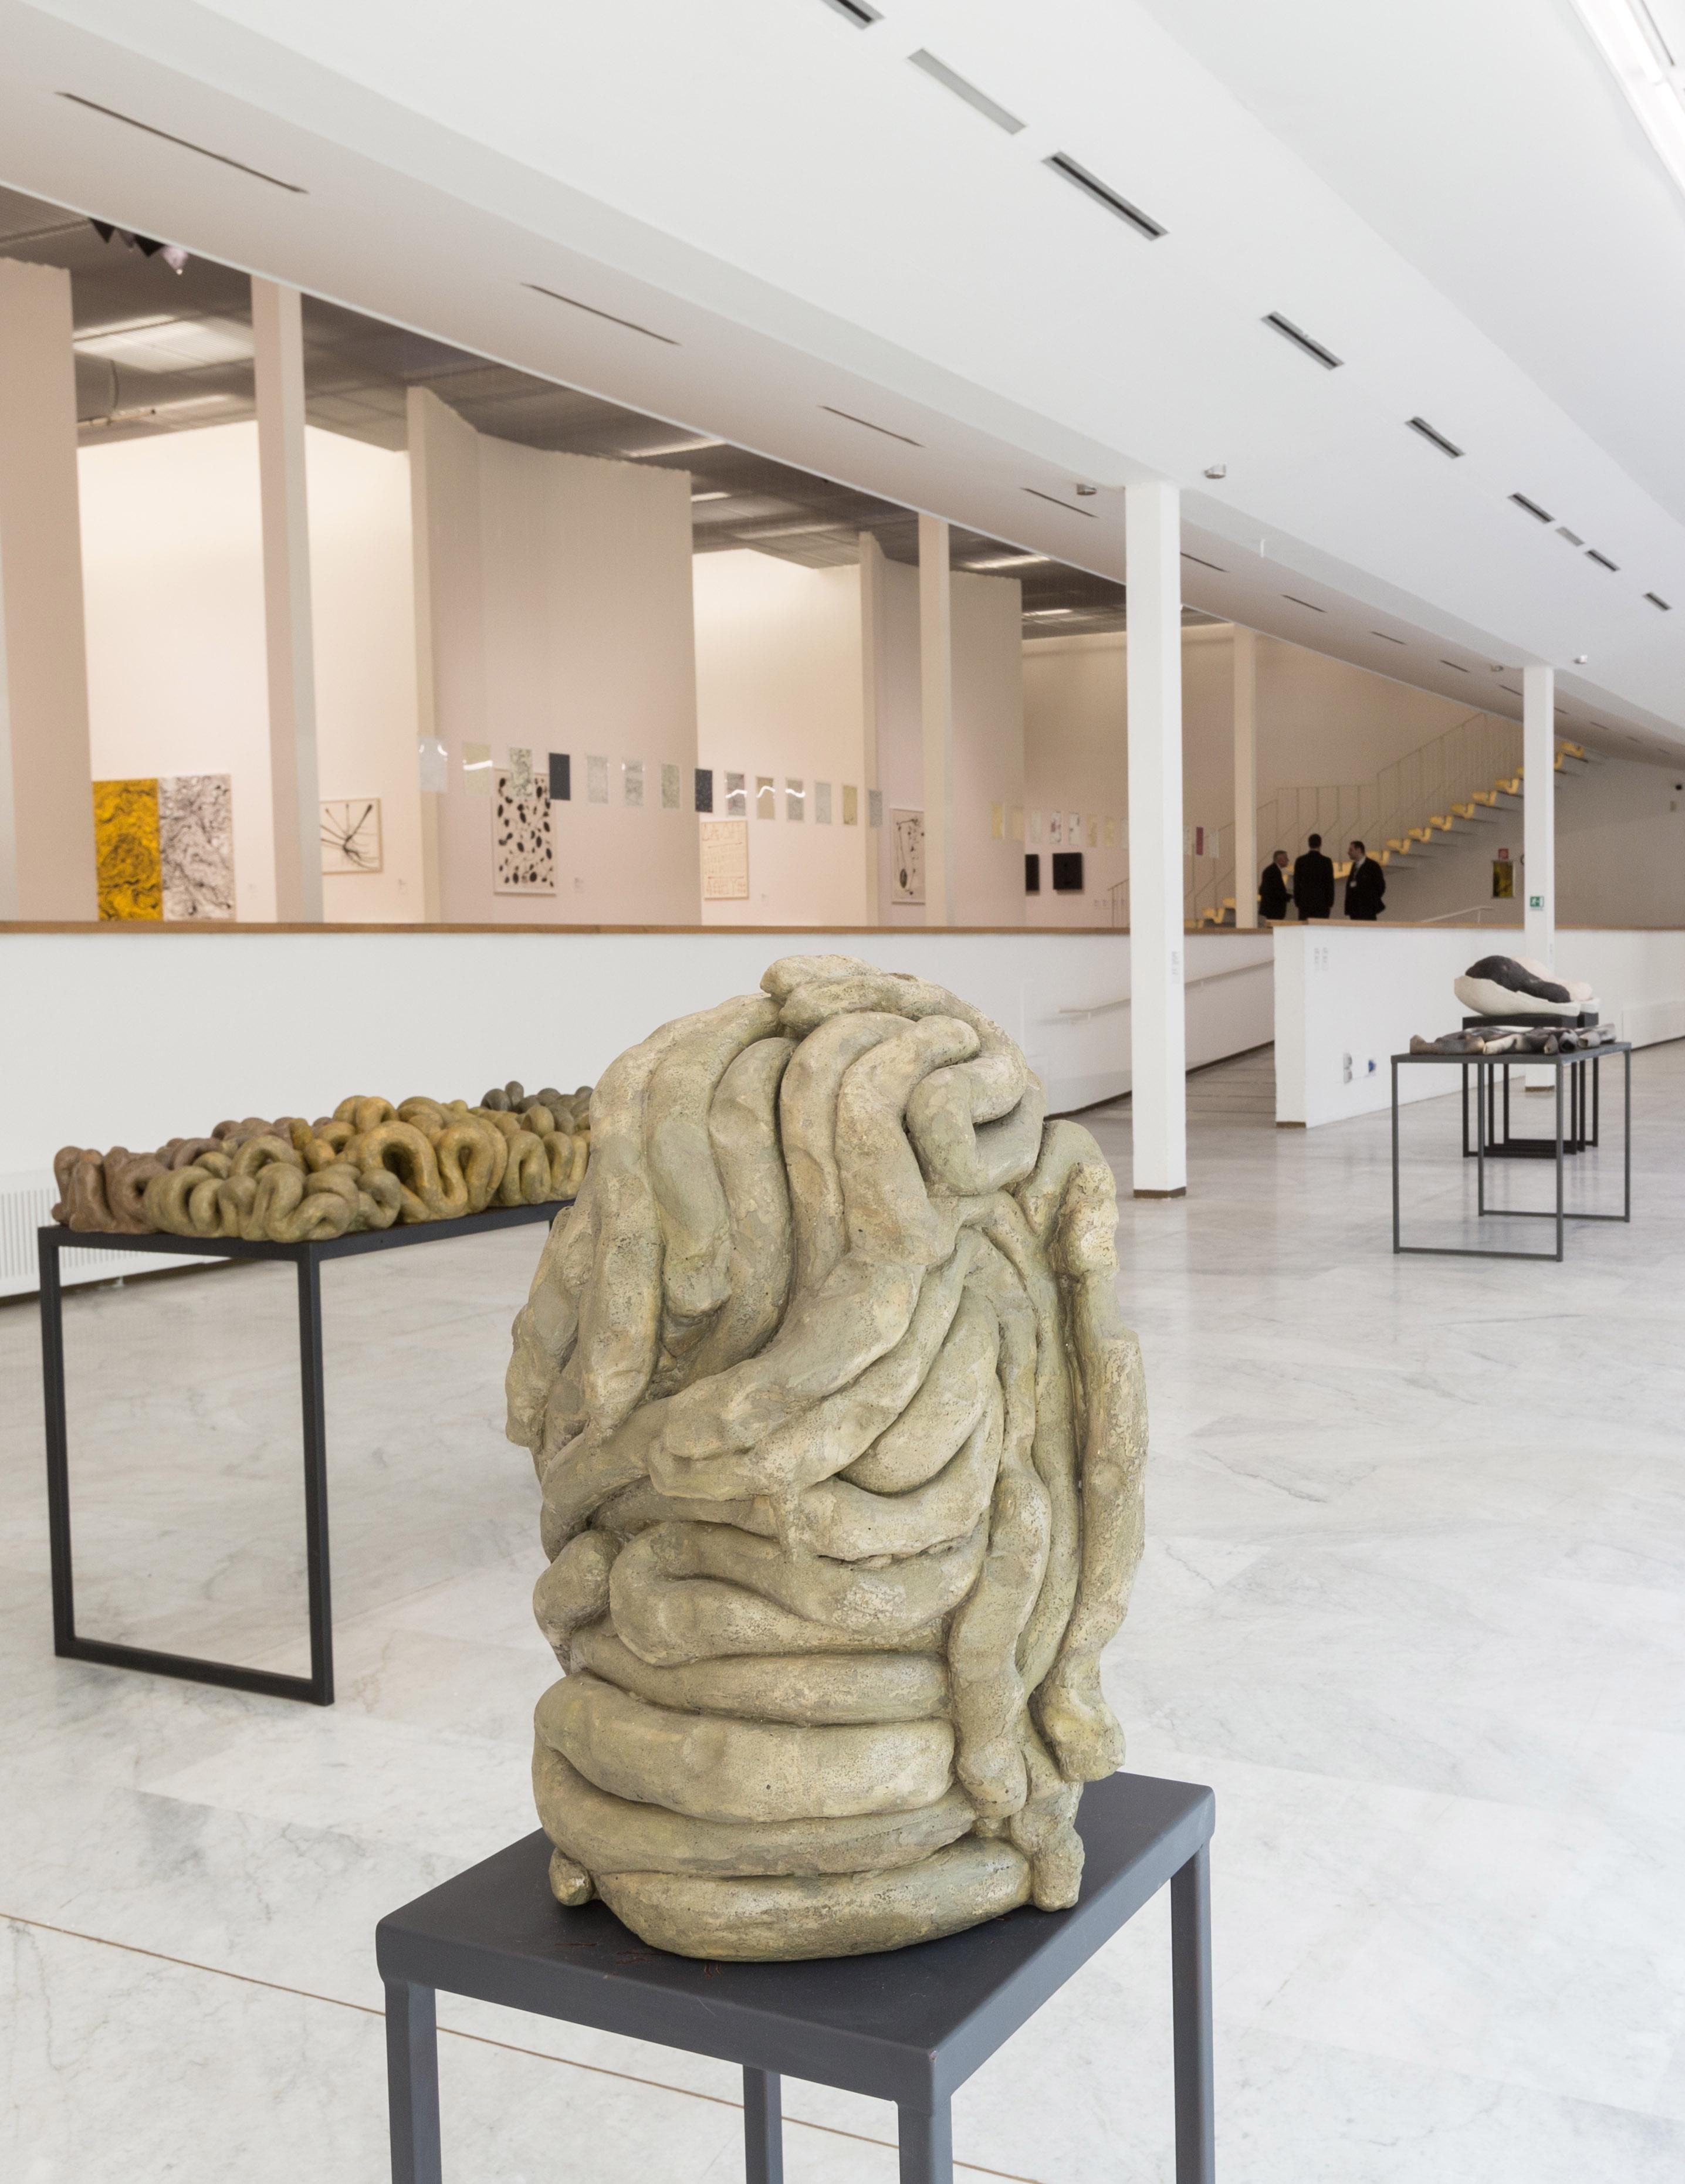 Anna Maria Maiolino, vista della mostra al PAC Milano, 2019. Foto: Nico Covre, Vulcano